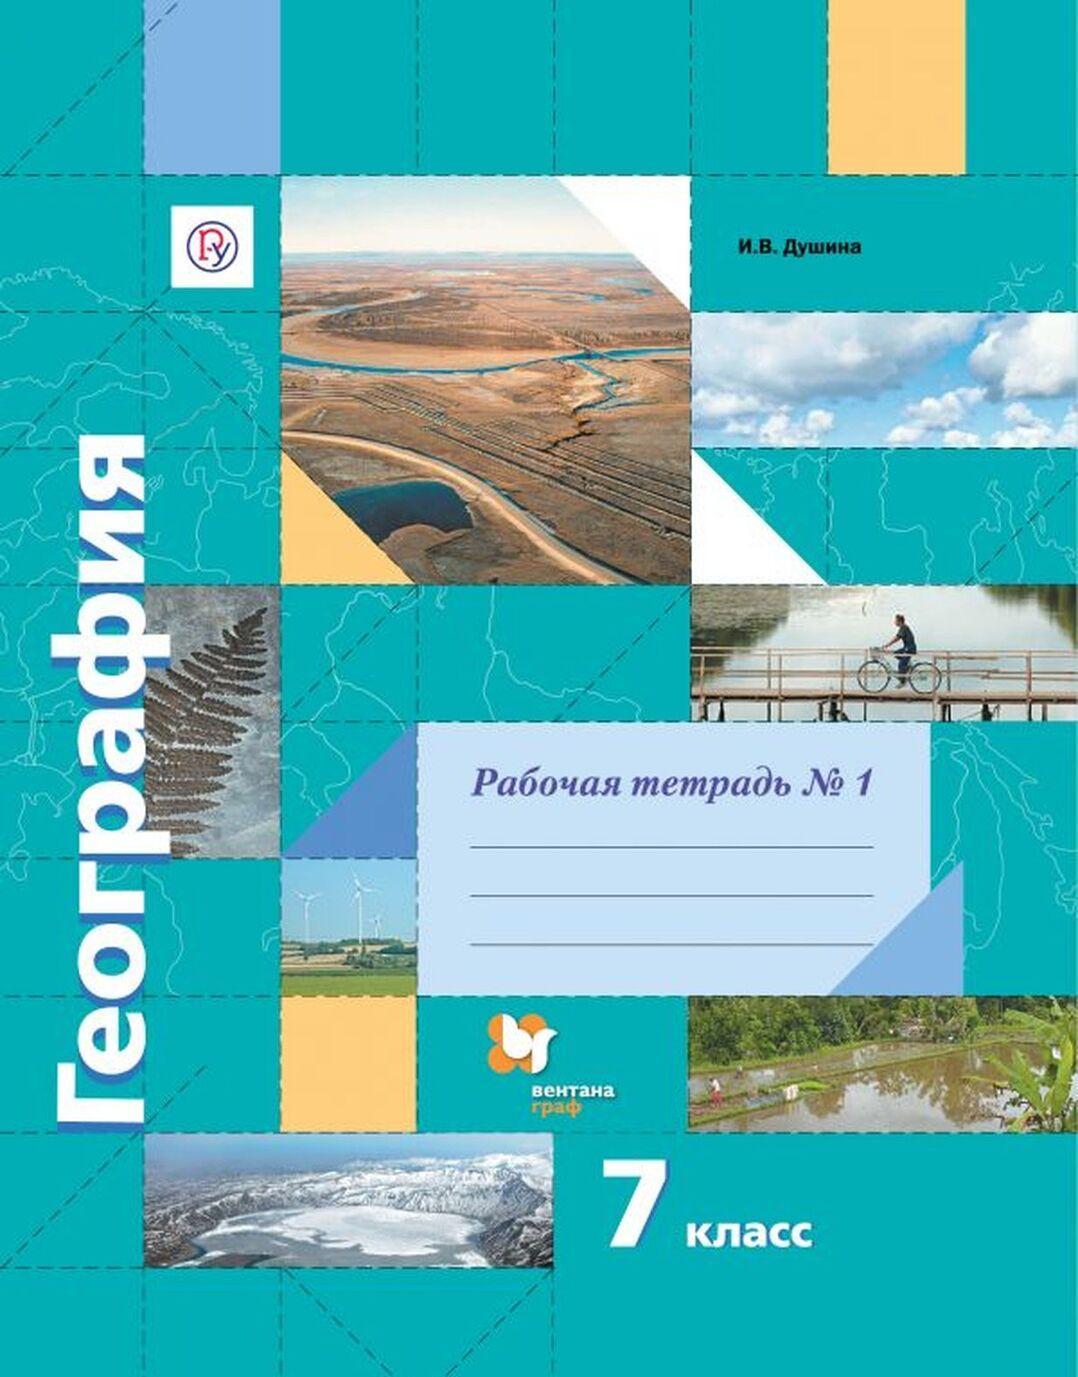 Geografija. 7 klass. Rabochaja tetrad № 1 | Dushina Iraida Vladimirovna